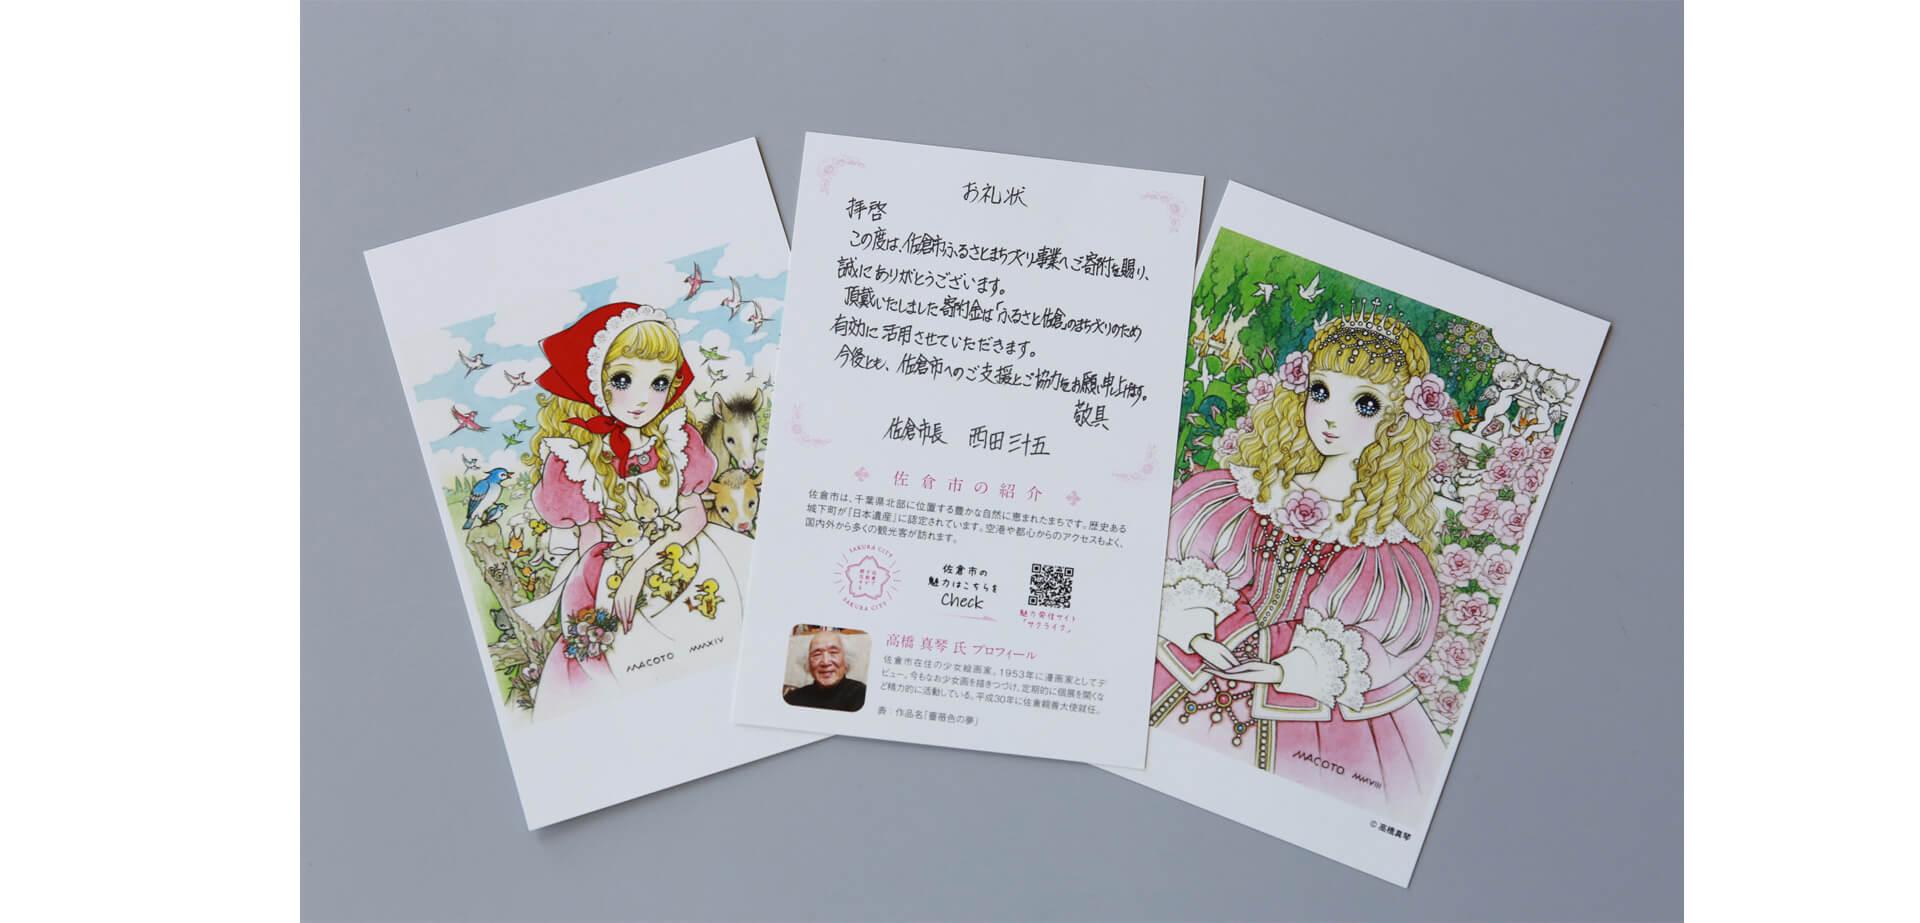 千葉県佐倉市・ふるさと納税のお礼状 高橋真琴さん少女画